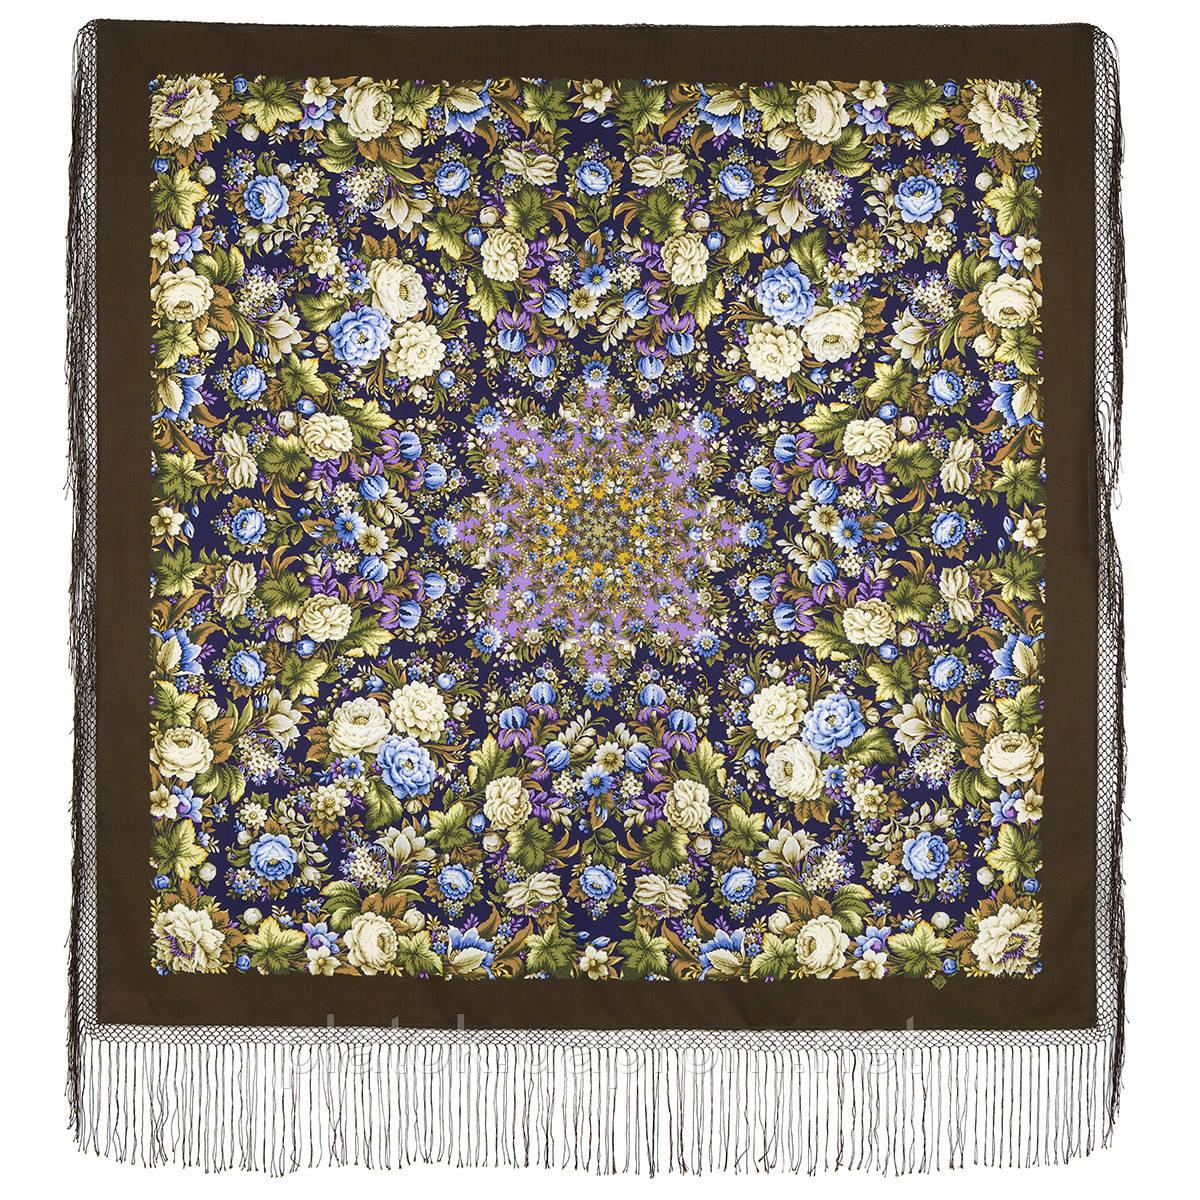 Диво дивное 1798-16, павлопосадский платок (шаль) из уплотненной шерсти с шелковой вязанной бахромой